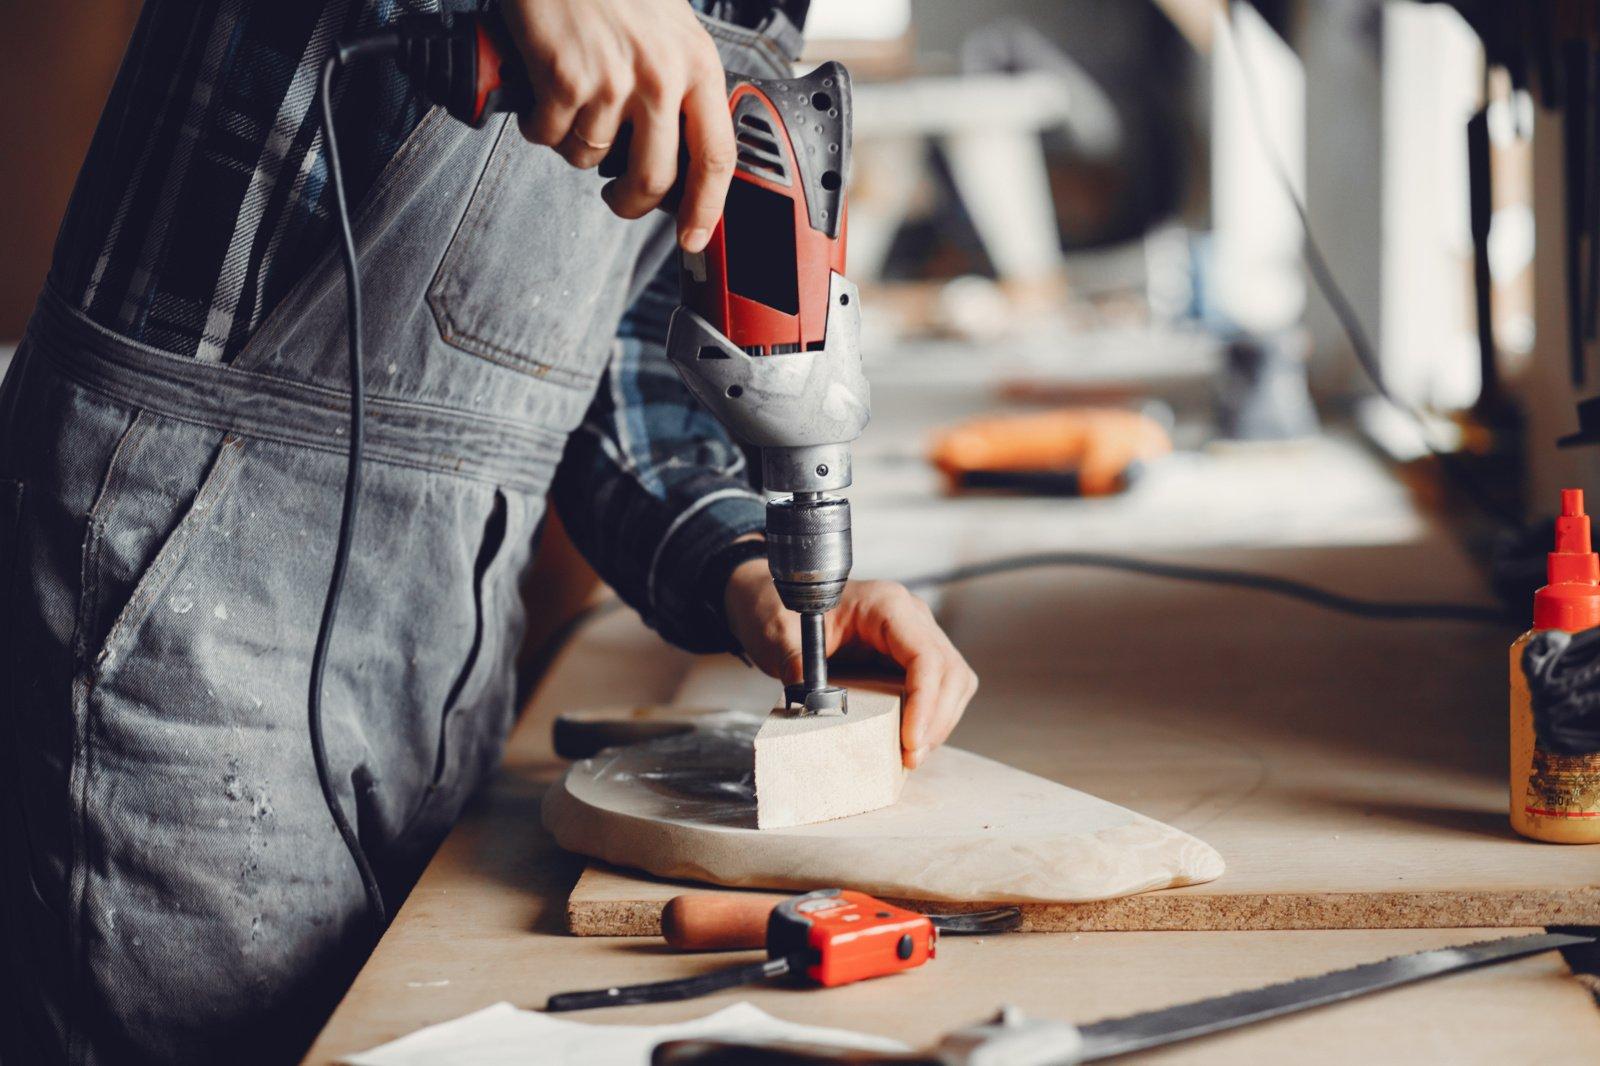 Darbuotojų ieškančios įmonės vis dažniau įdarbina žmones su negalia